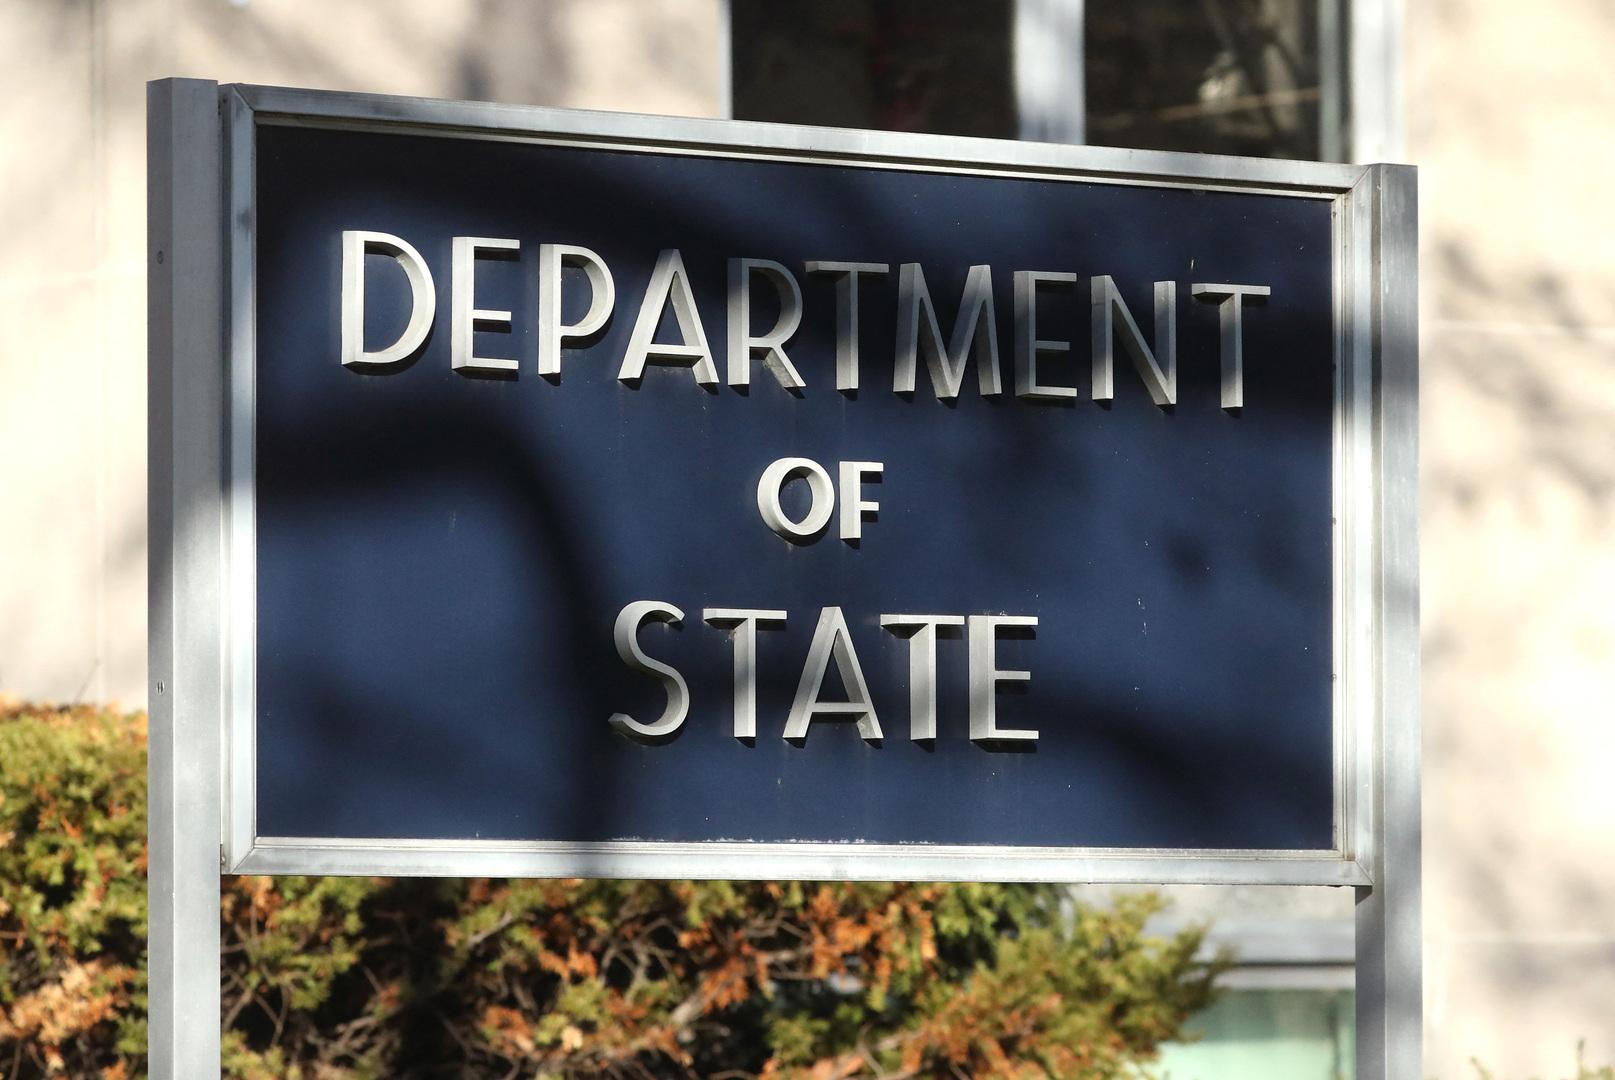 واشنطن تعلق المساعدات للسودان على خلفية اعتقال مسؤولين مدنيين في الحكومة